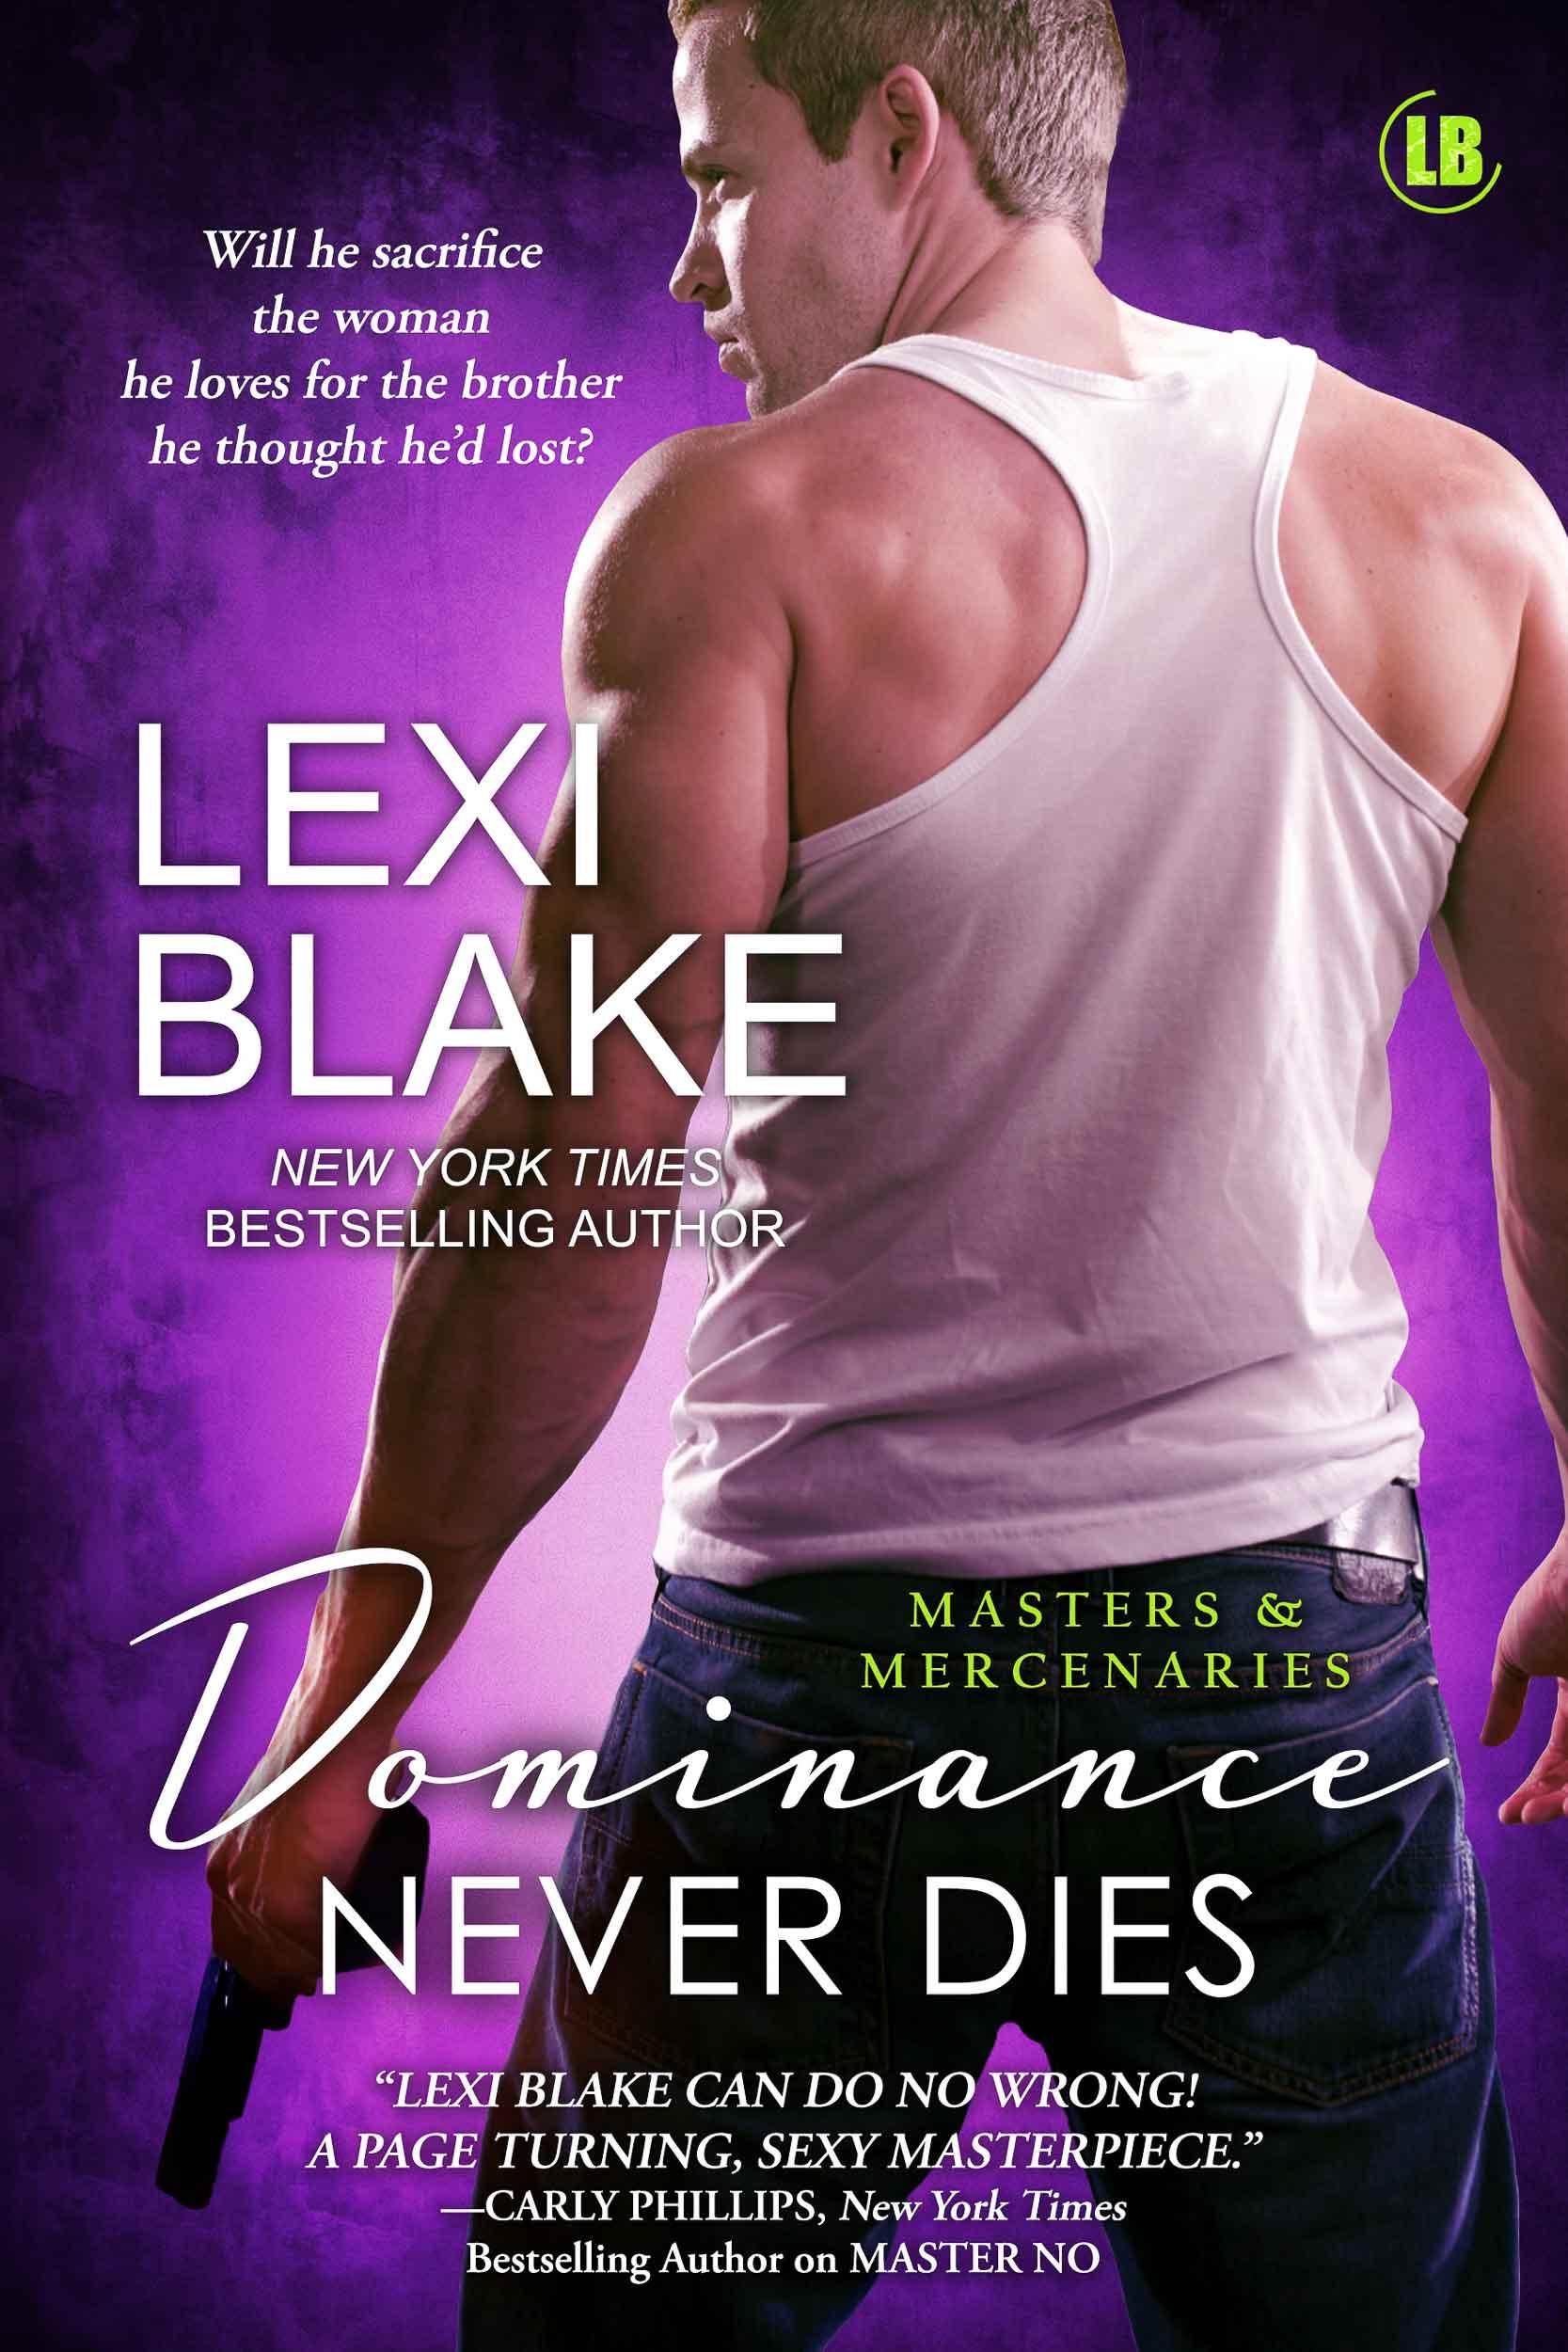 Lexi Blake Dominance Never Dies.jpg